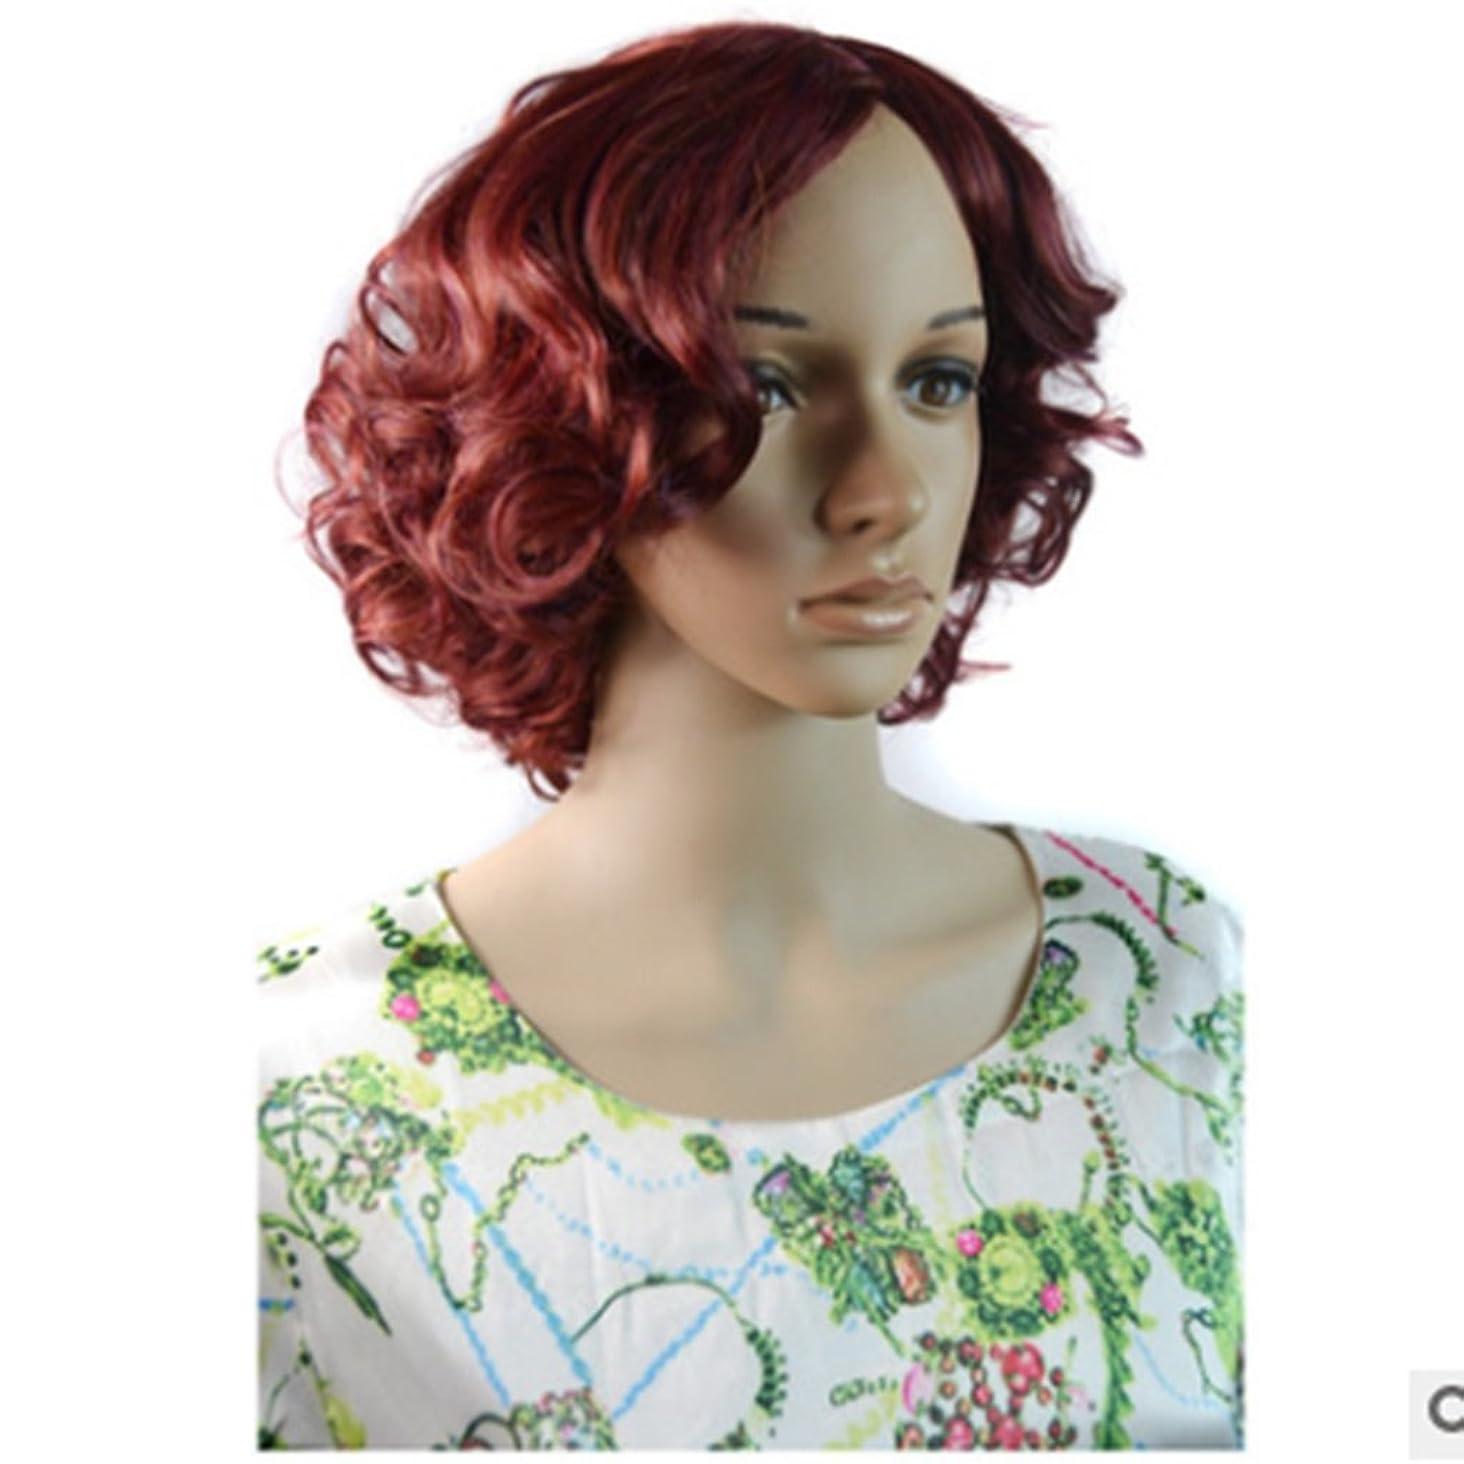 風刺ラベンダー襟Doyvanntgo 40cm女性のかつら短髪と職場気質のためのカーリーヘア調整可能なサイズのローズネット (Color : Wine)